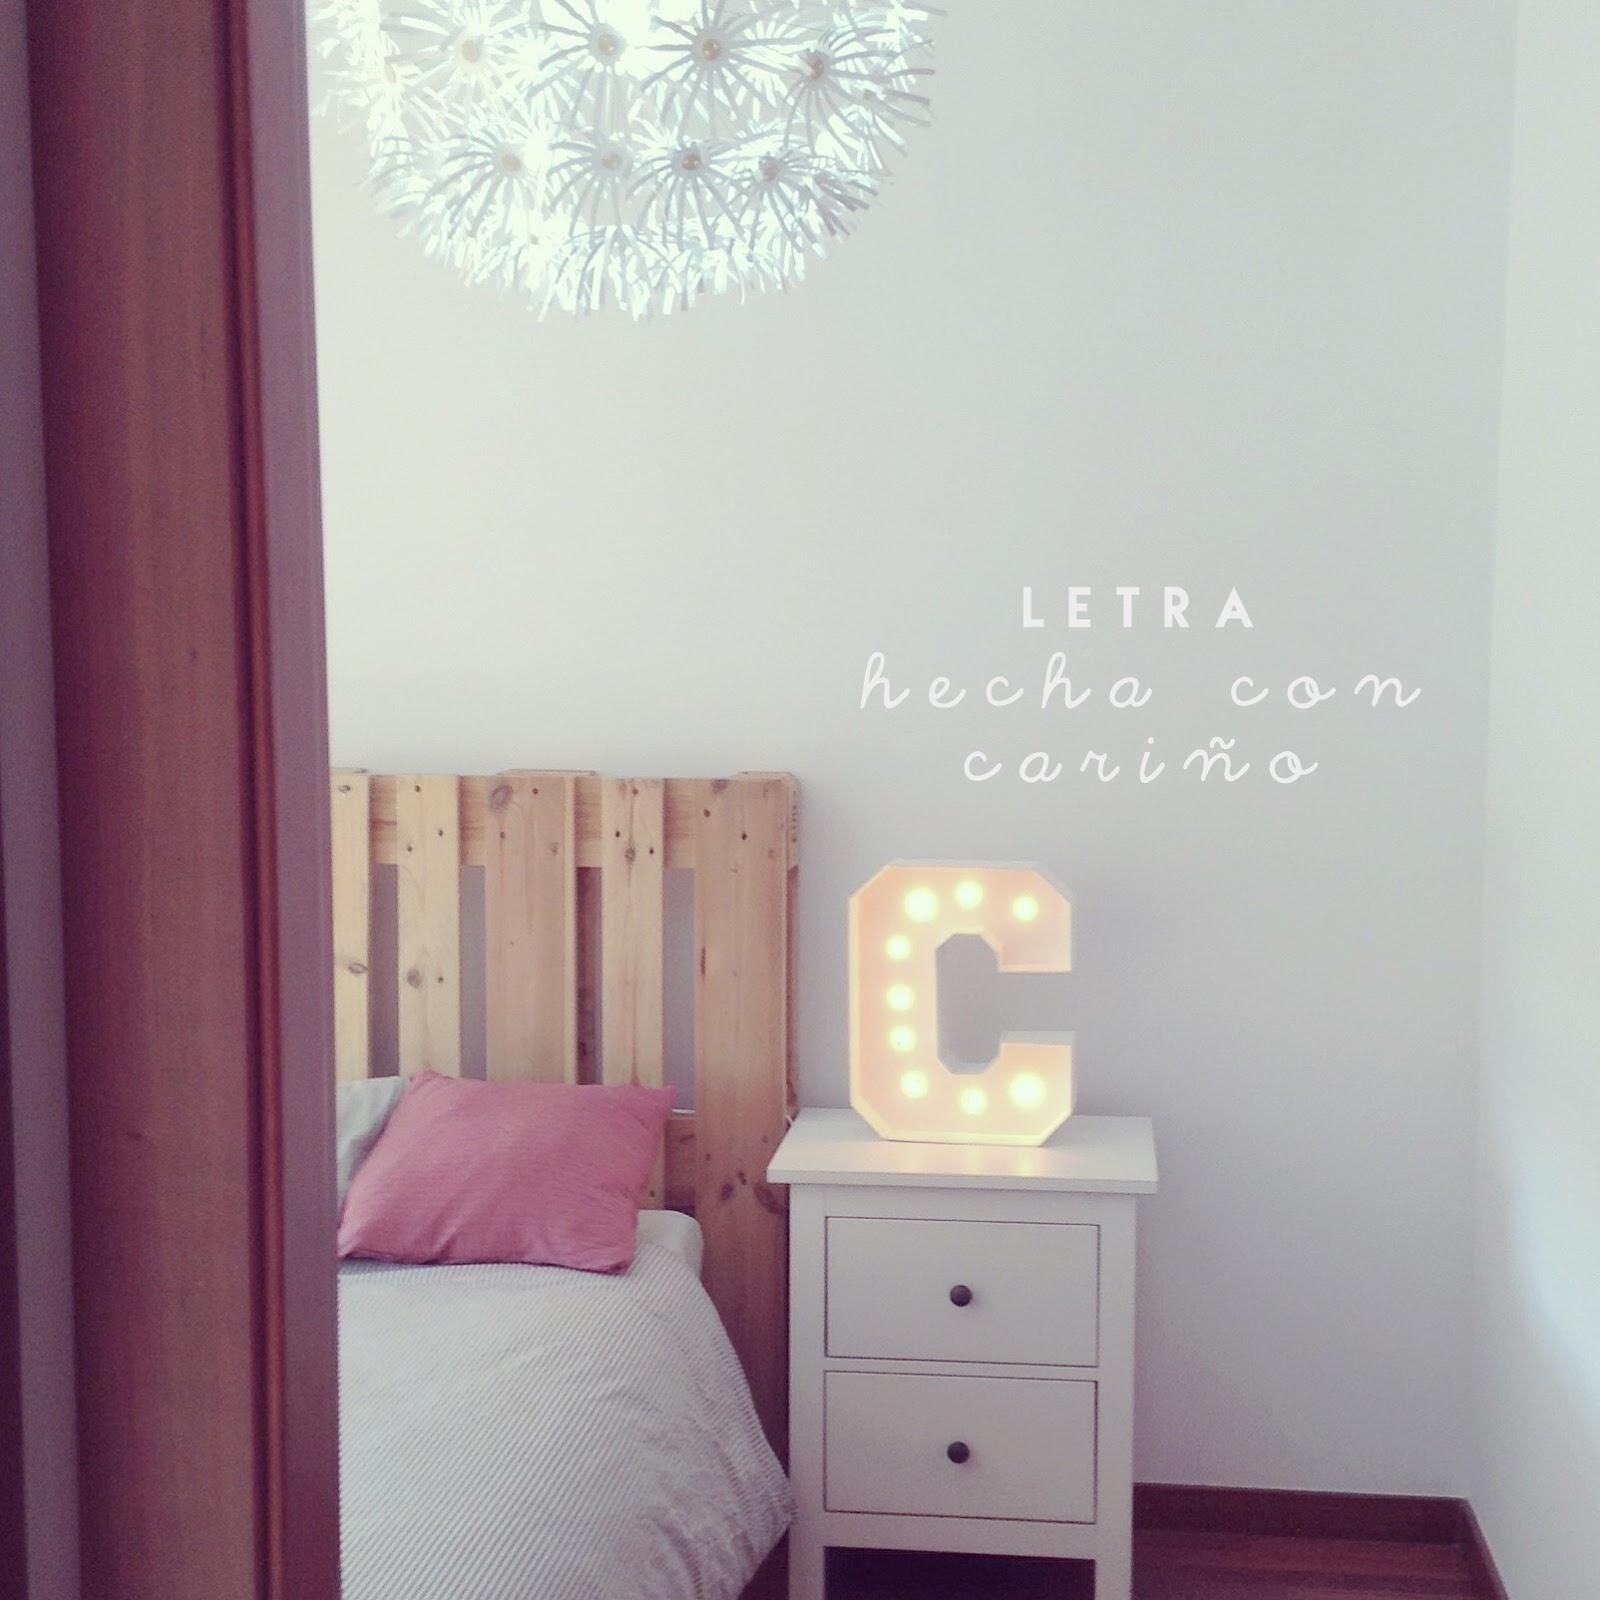 Letra con luces hecha a mano